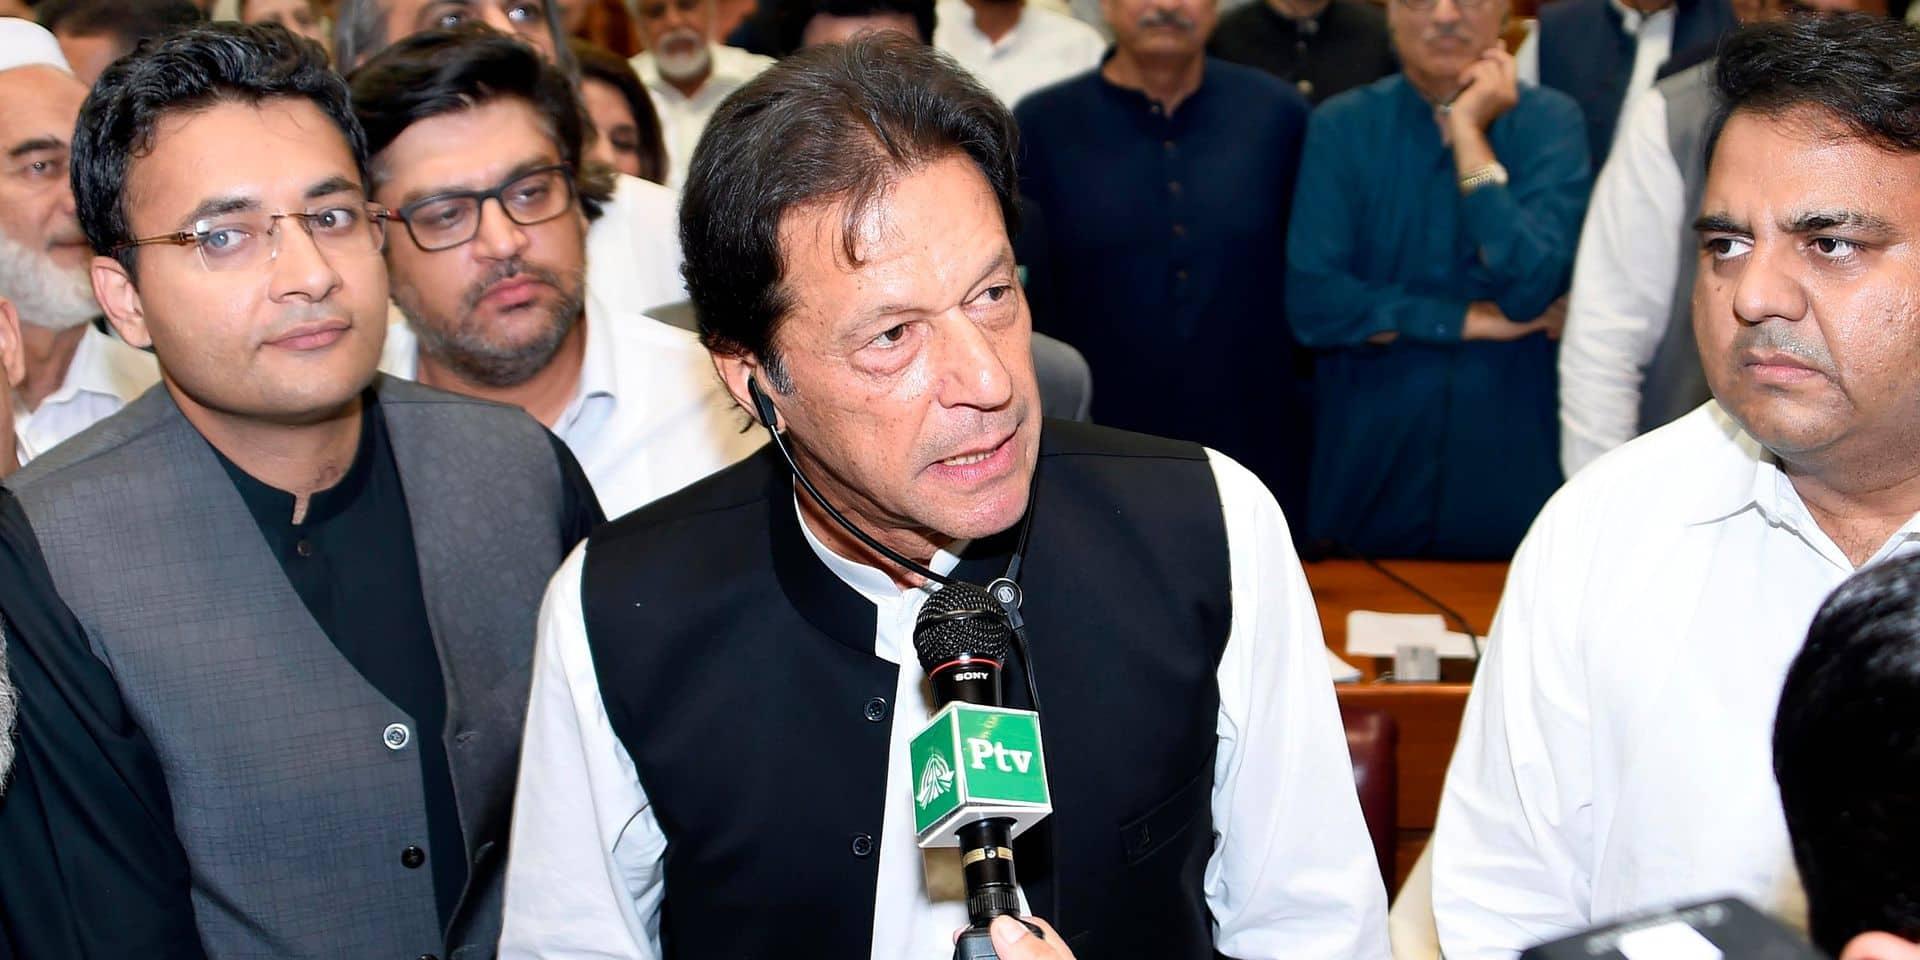 Un Premier ministre face au défi de la fraude fiscale